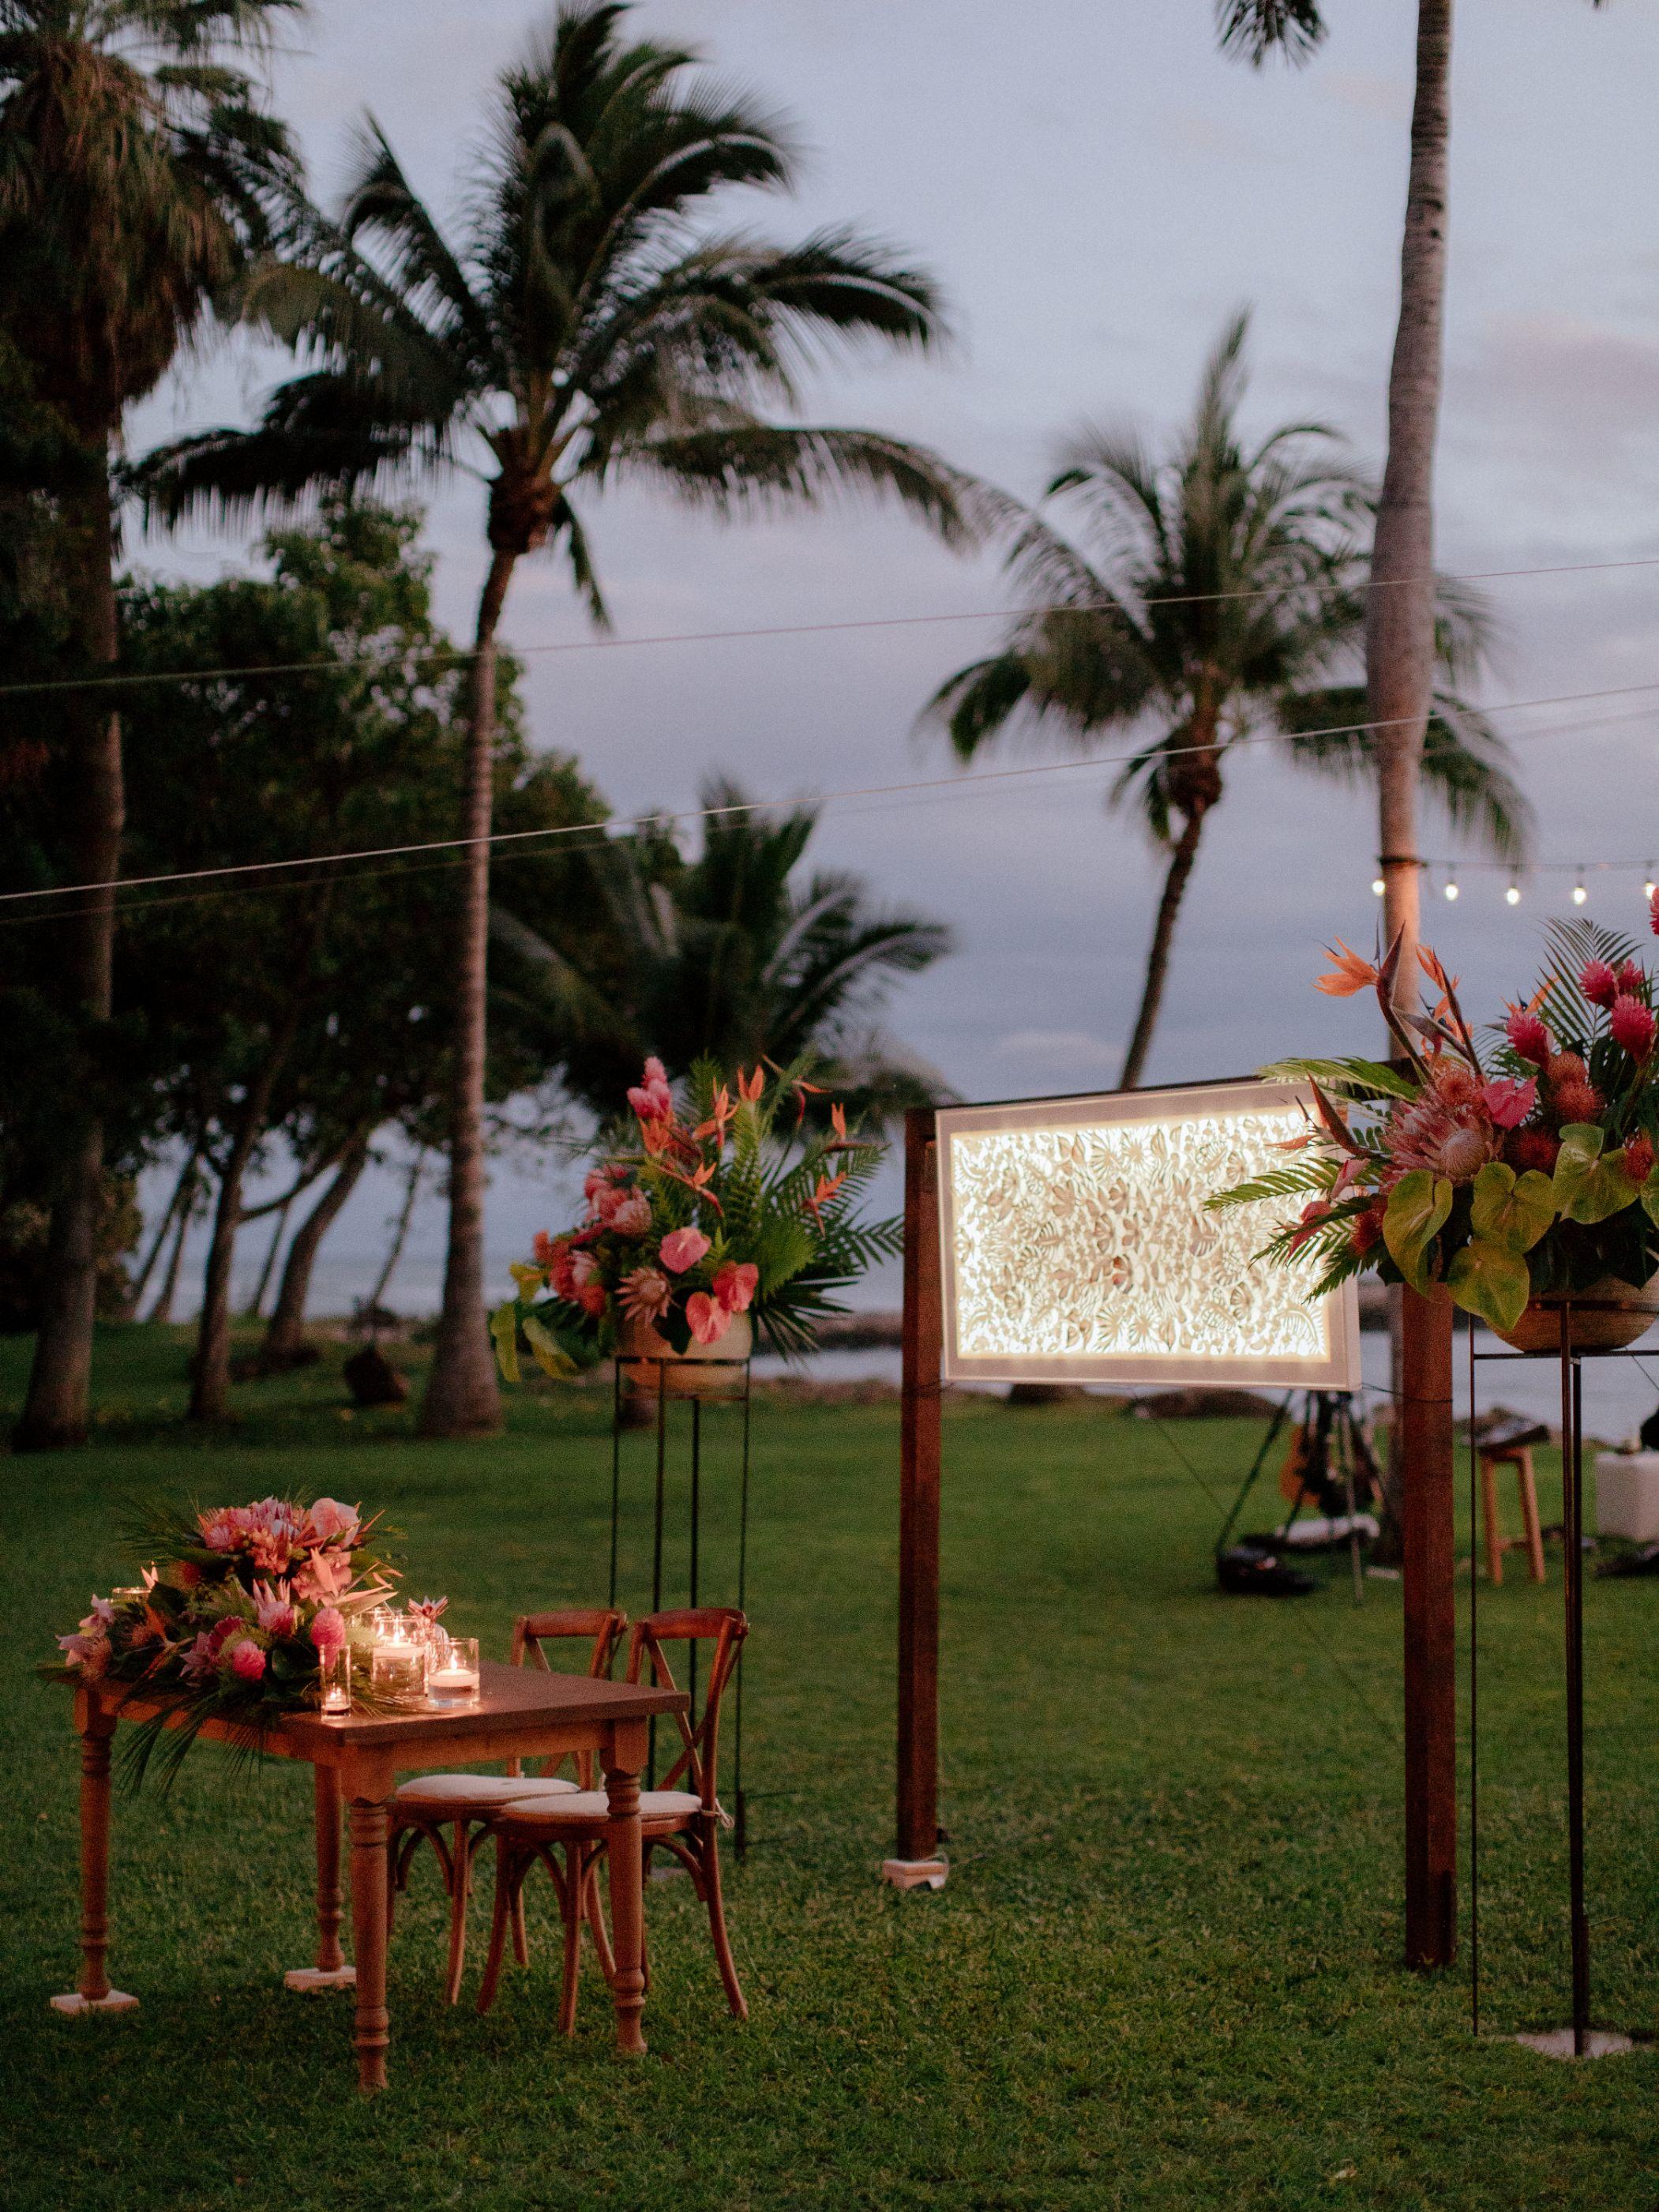 Chris-J-Evans-maui-wedding-JA3979.jpg